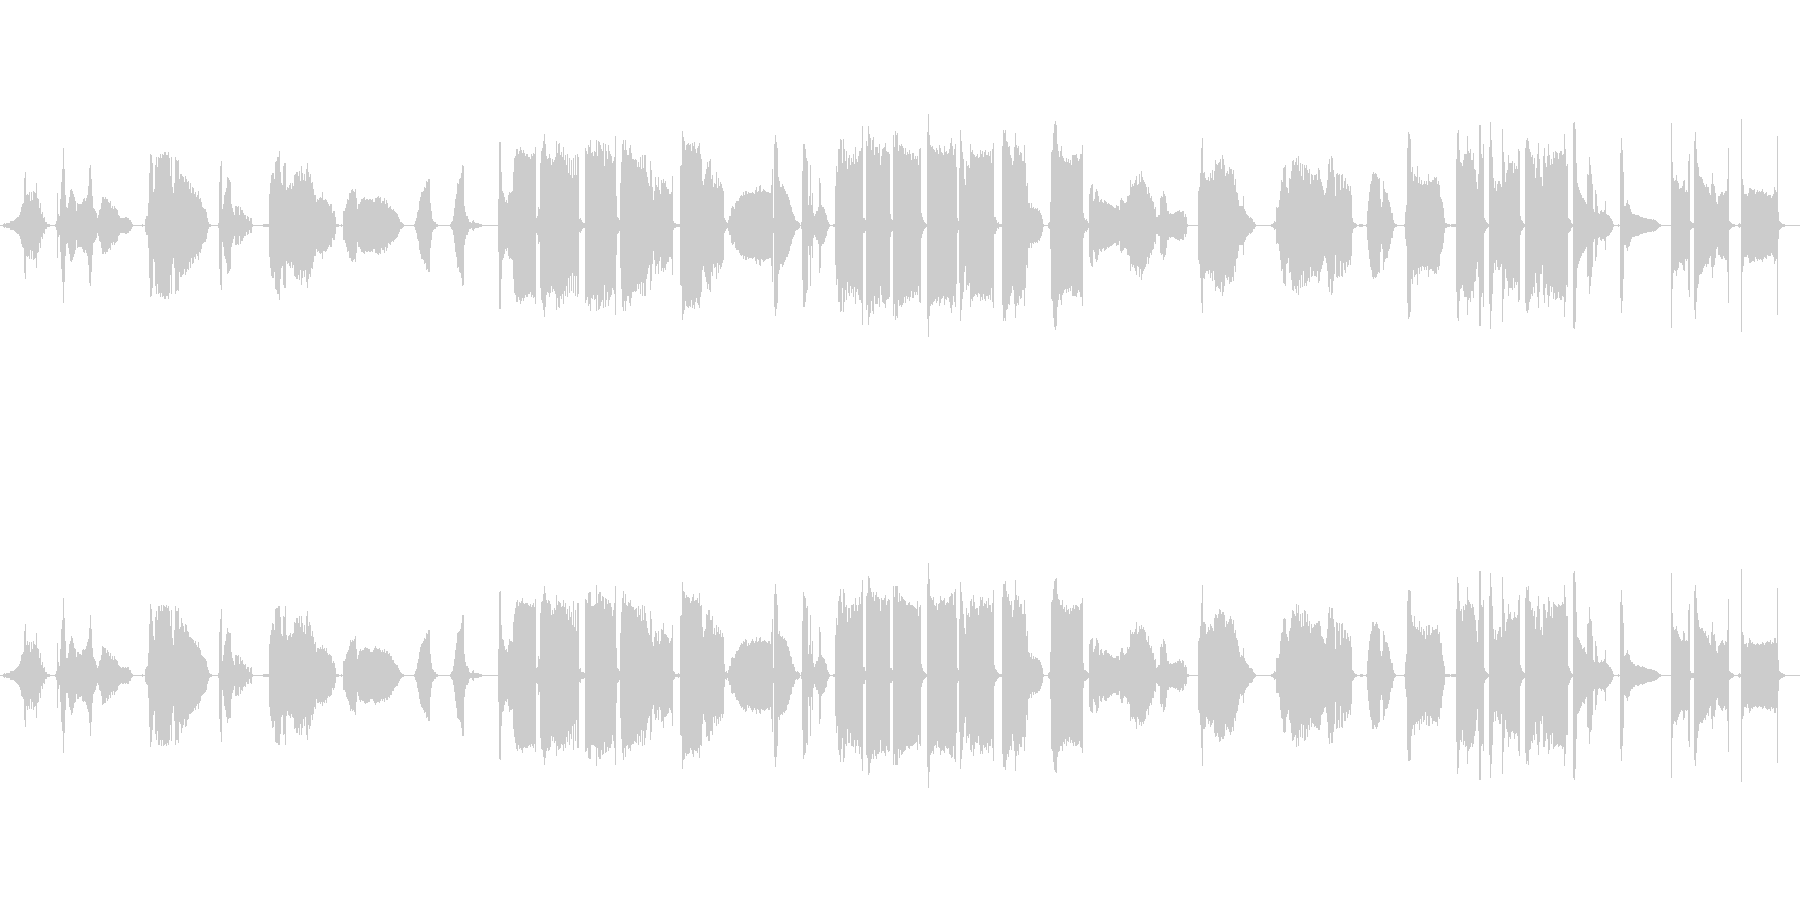 怪談をイメージした能管独奏の未再生の波形